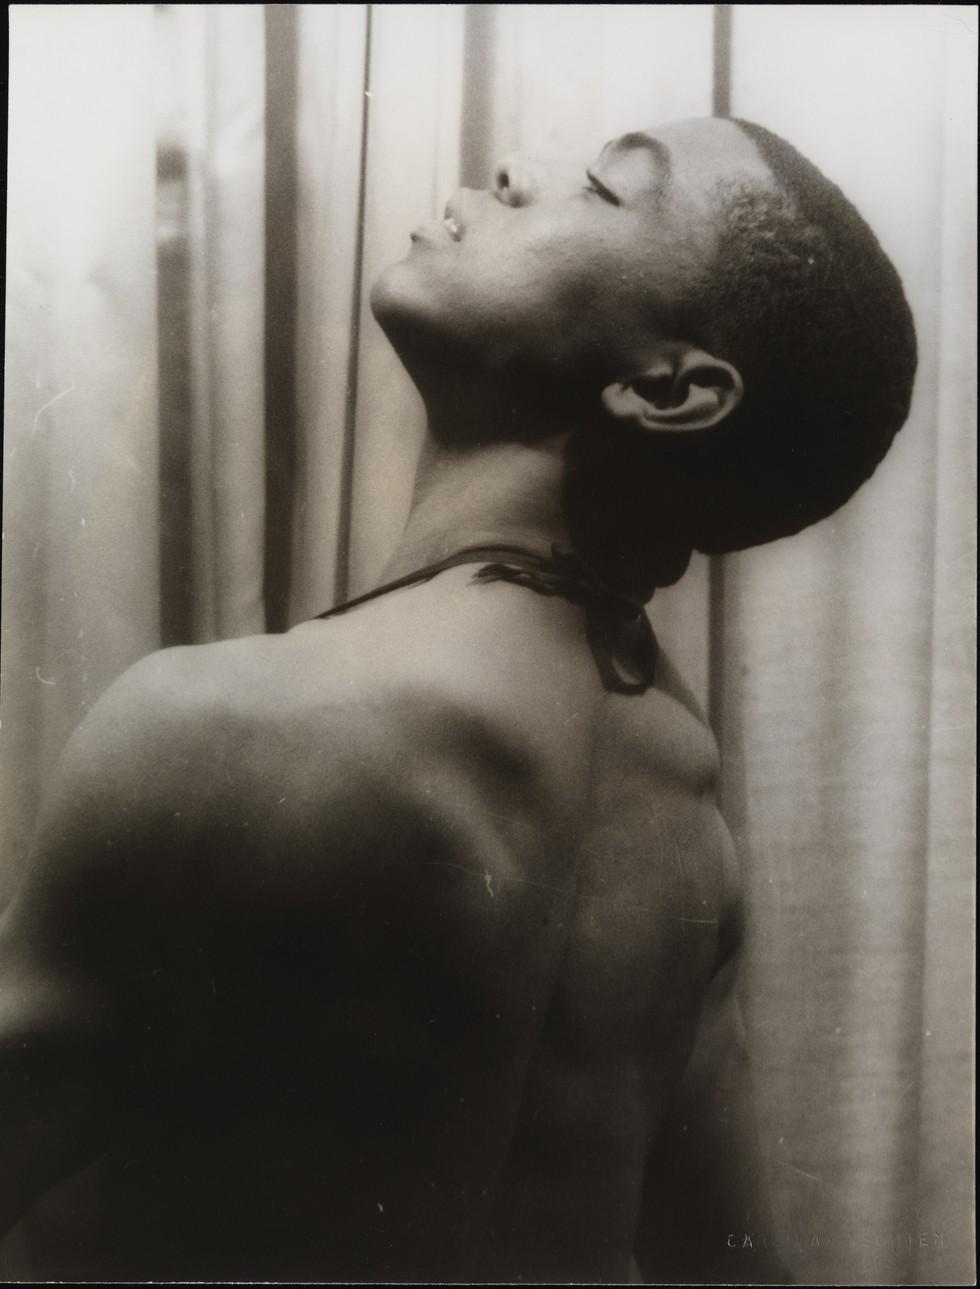 Carl Van Vechten, photo of Alvin Ailey. 1955.